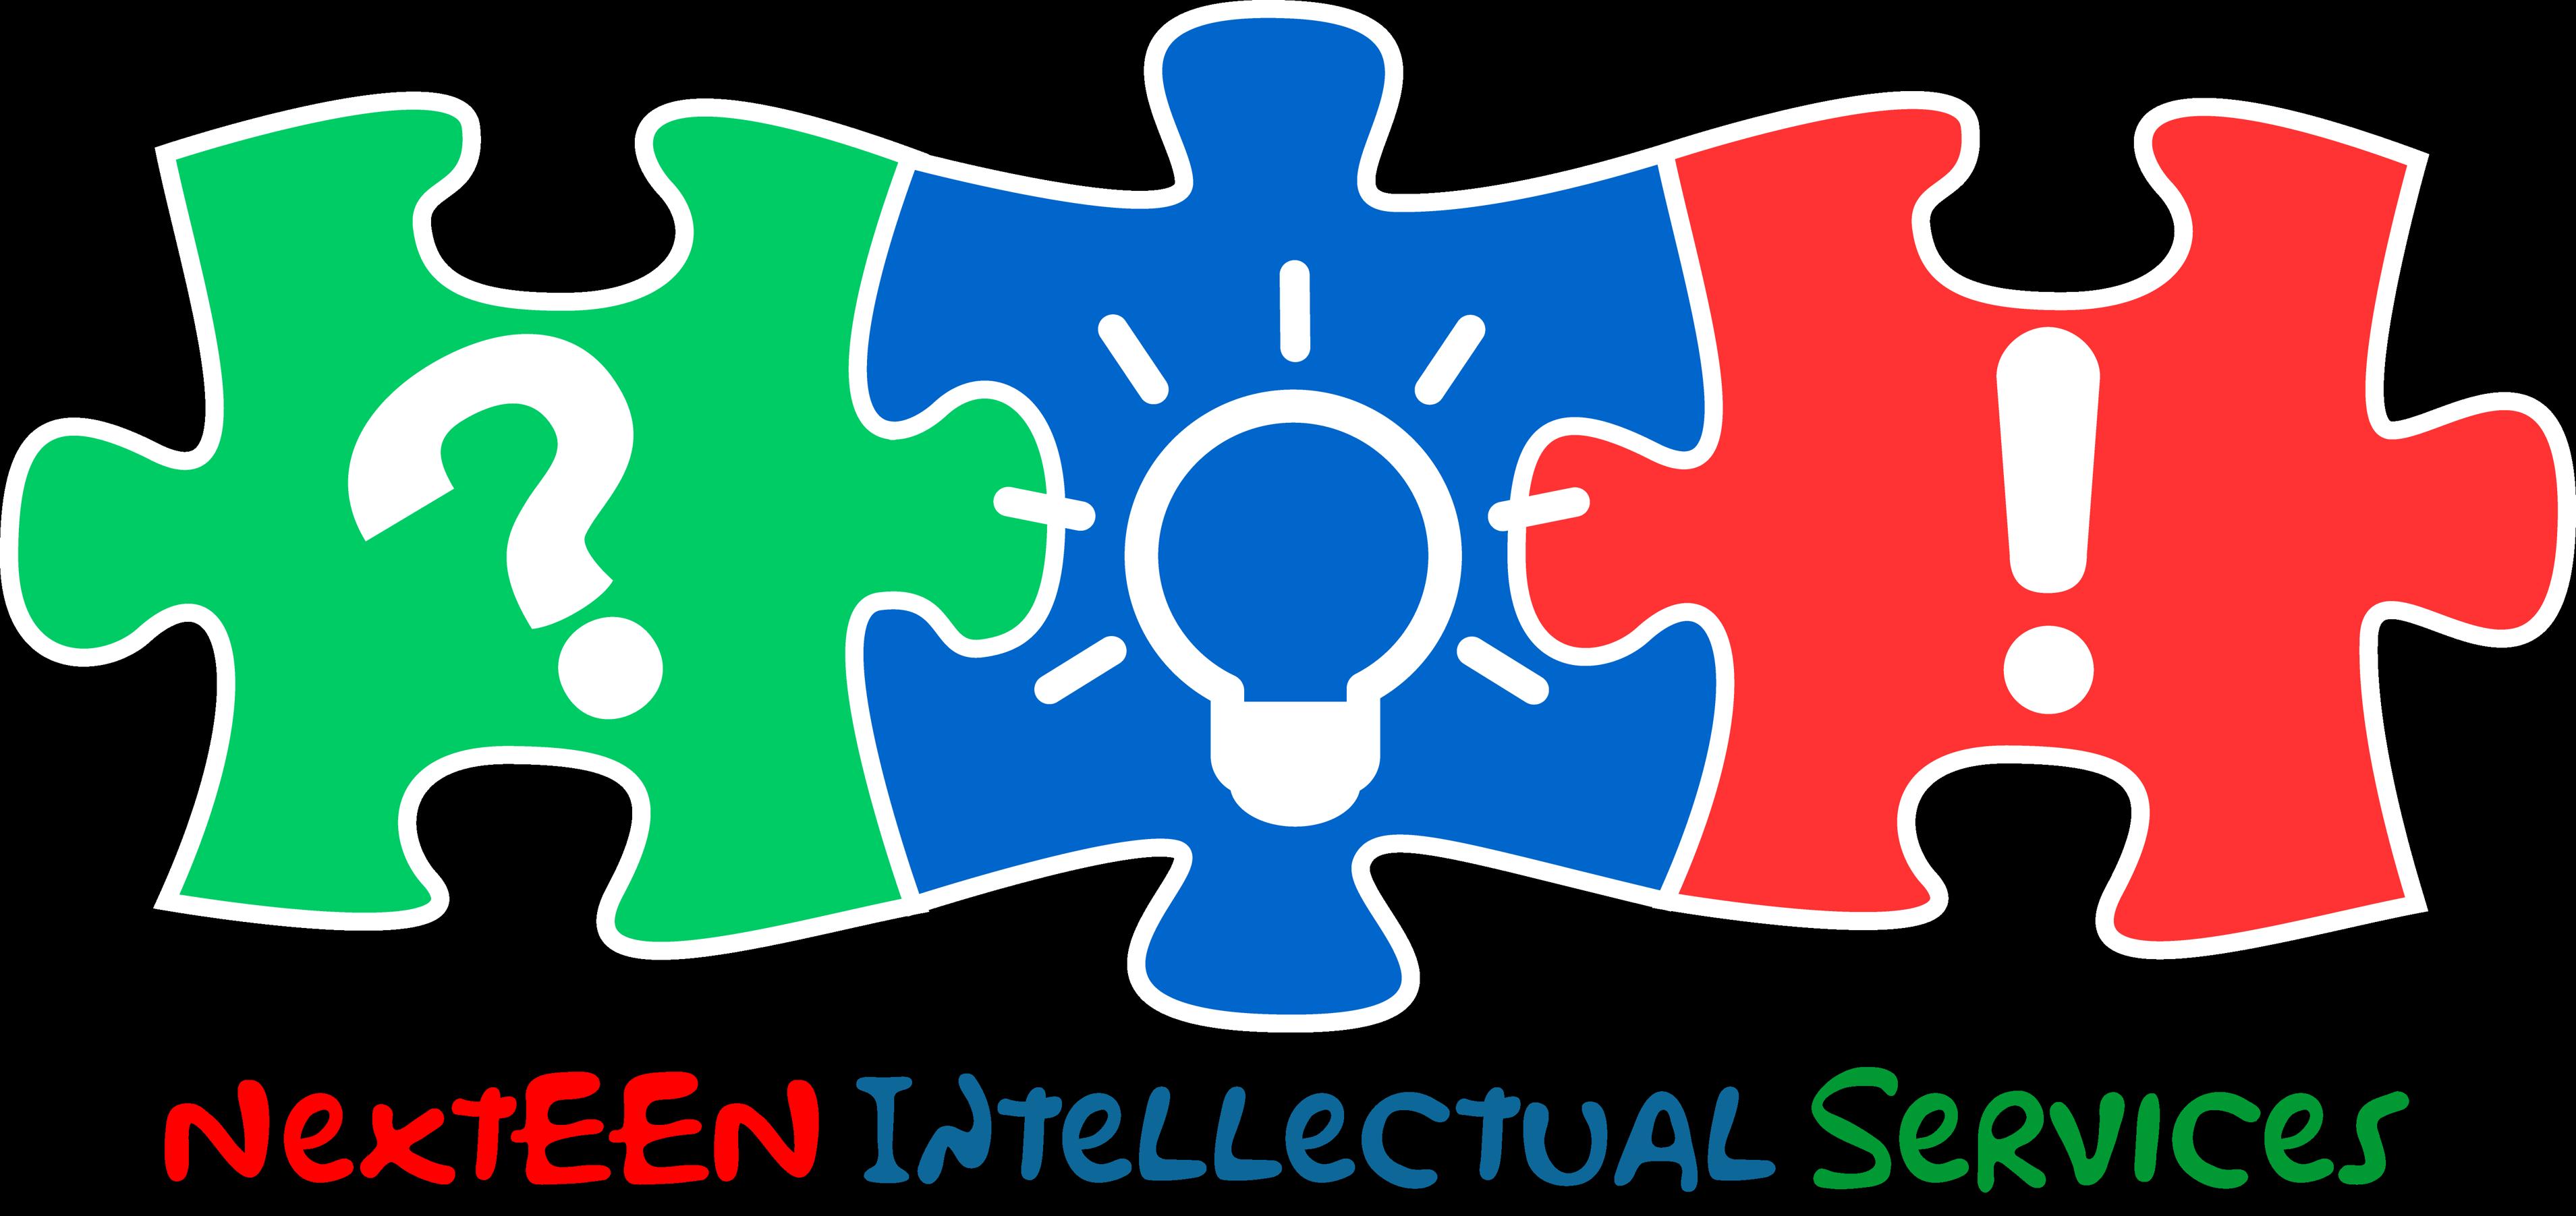 Einstein clipart intellectual. About us nexteen services